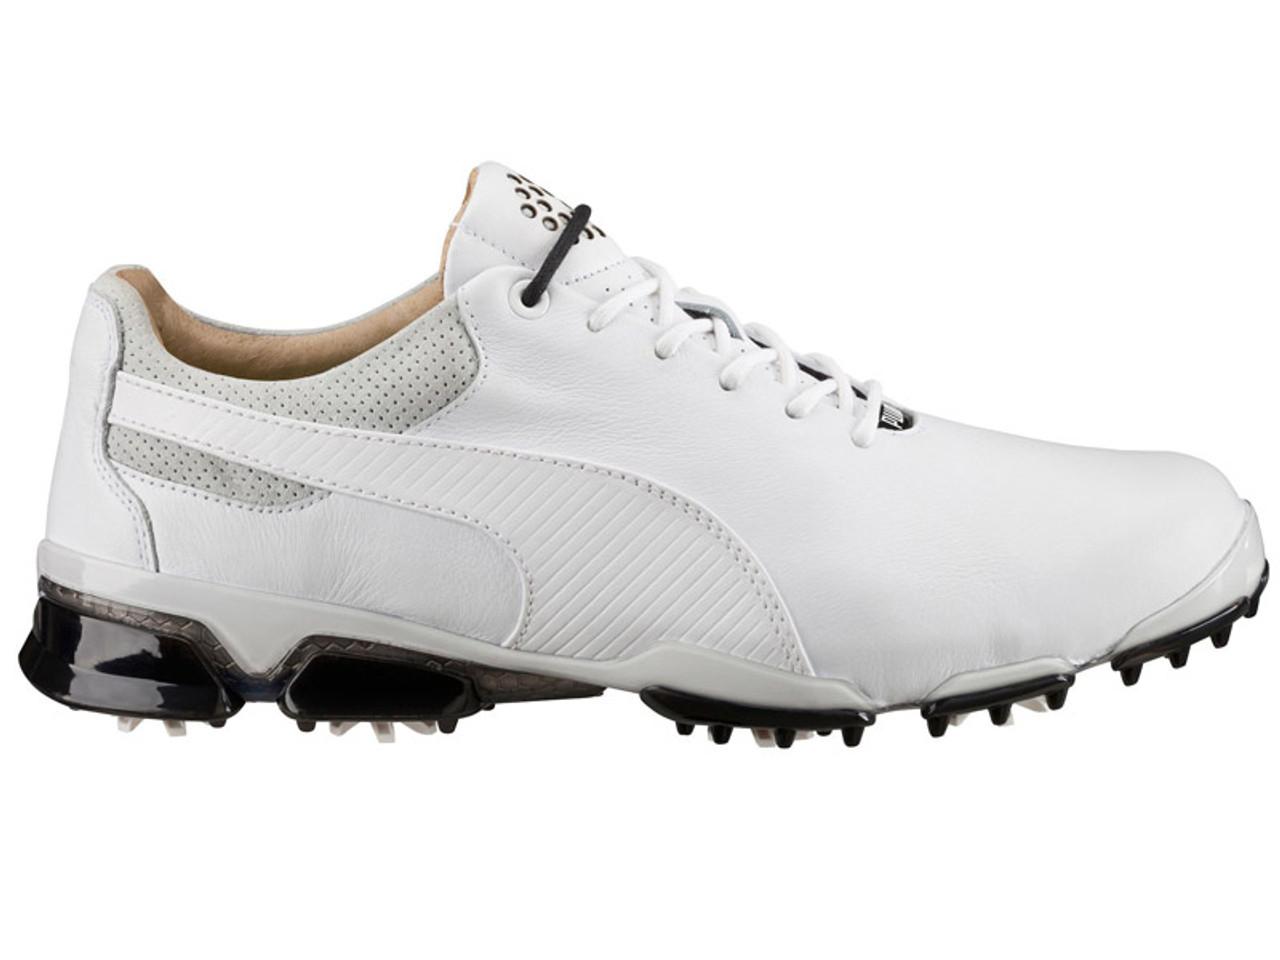 tilata jaloissa laajat lajikkeet Puma Titan Tour Ignite Premium Golf Shoes - White